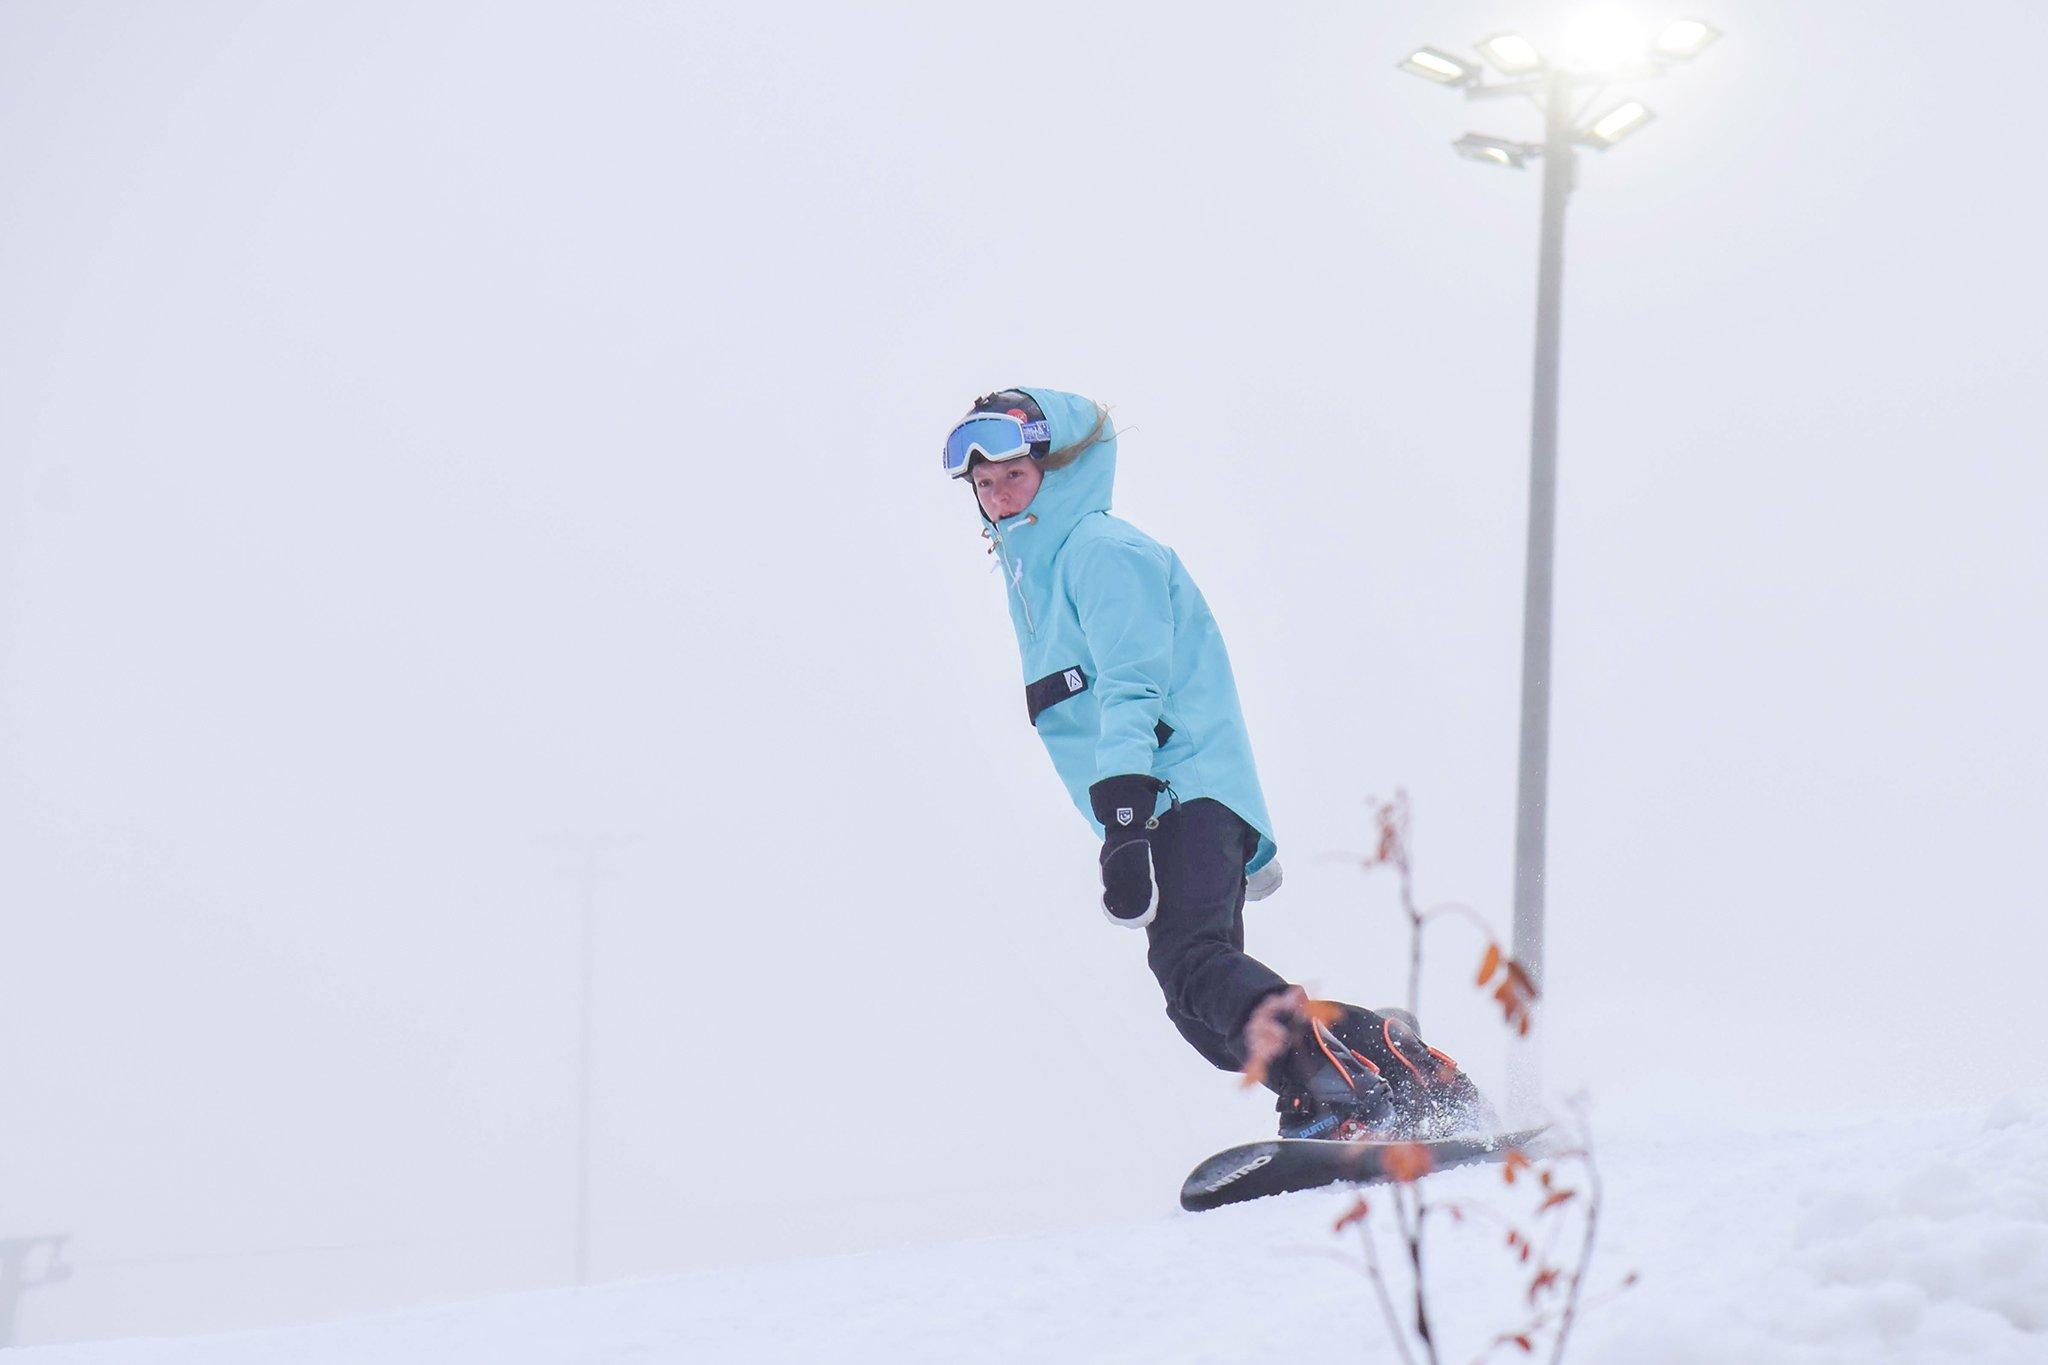 Levi_ski_resort_102019